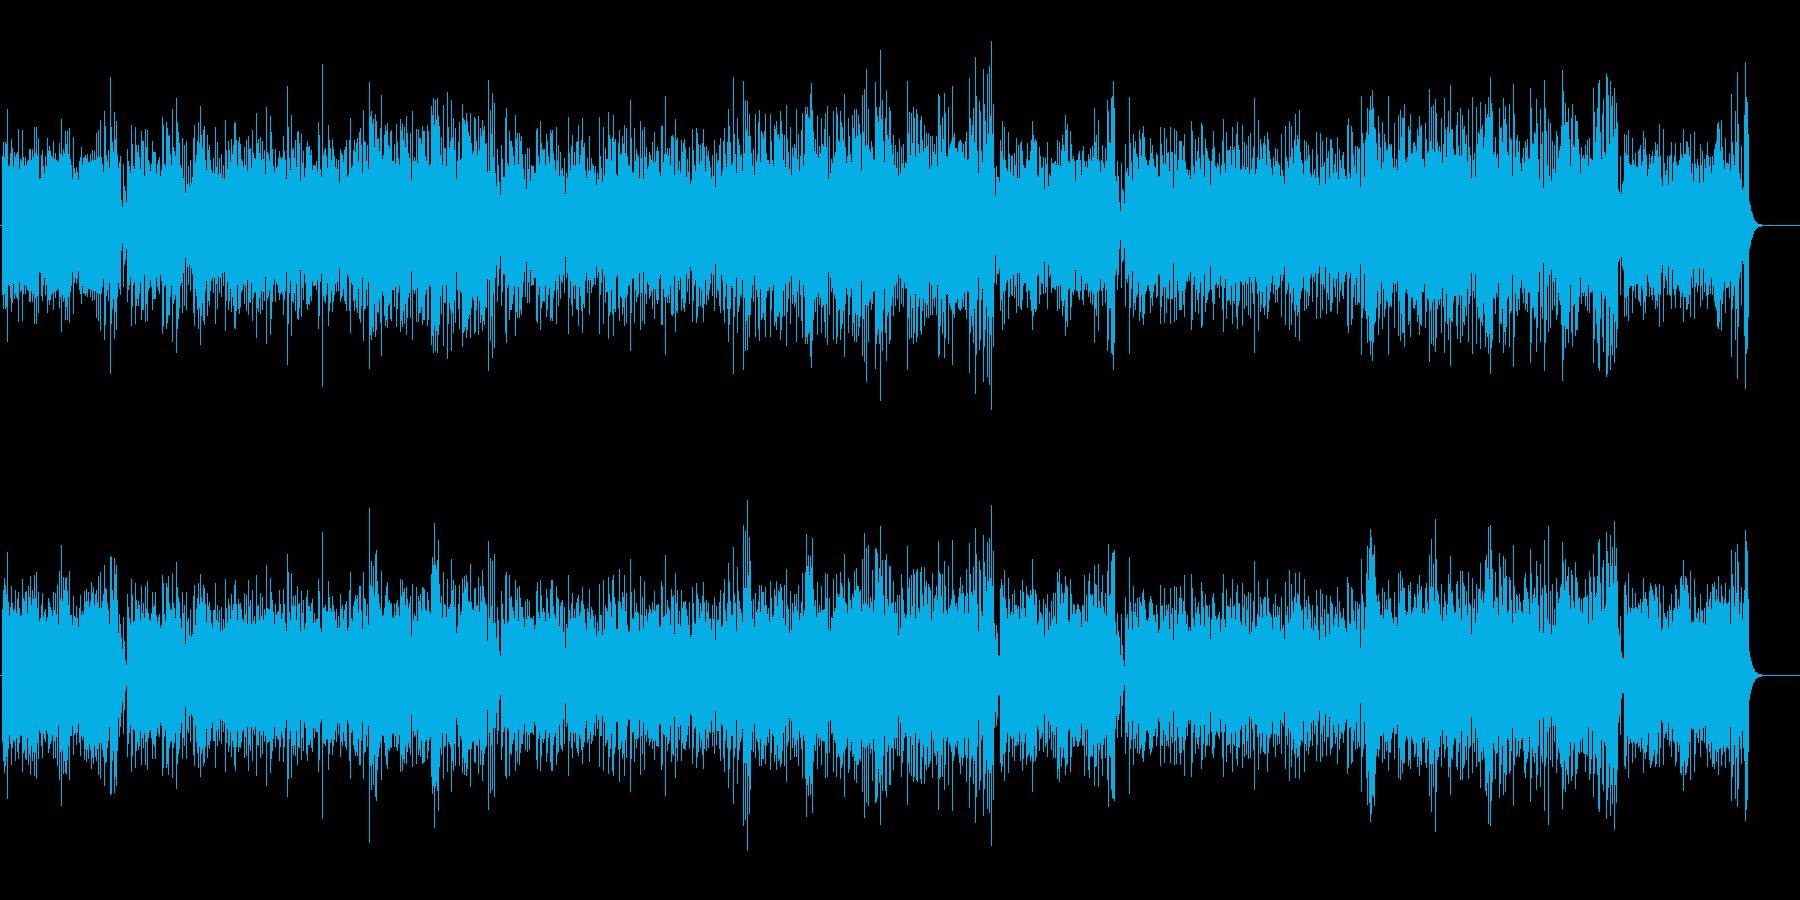 おおらか堅実 ヒット・ソング風の再生済みの波形